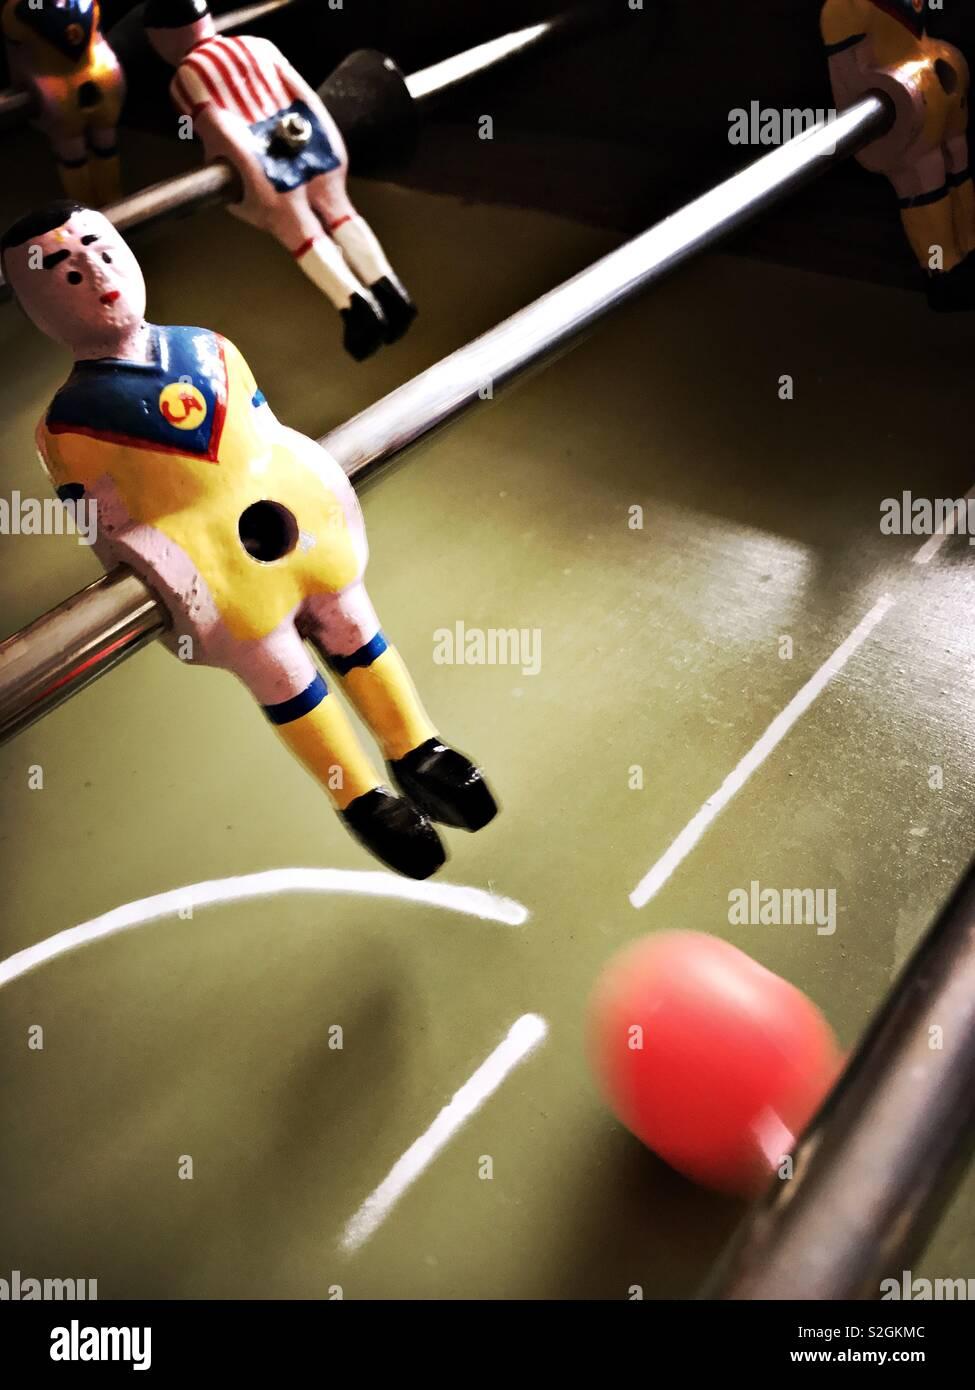 Un Club America futbolito figura calci la sfera verso il basso il campo del piano portapaziente durante un frenetico gioco contro la rivale Chivas team. Foto Stock